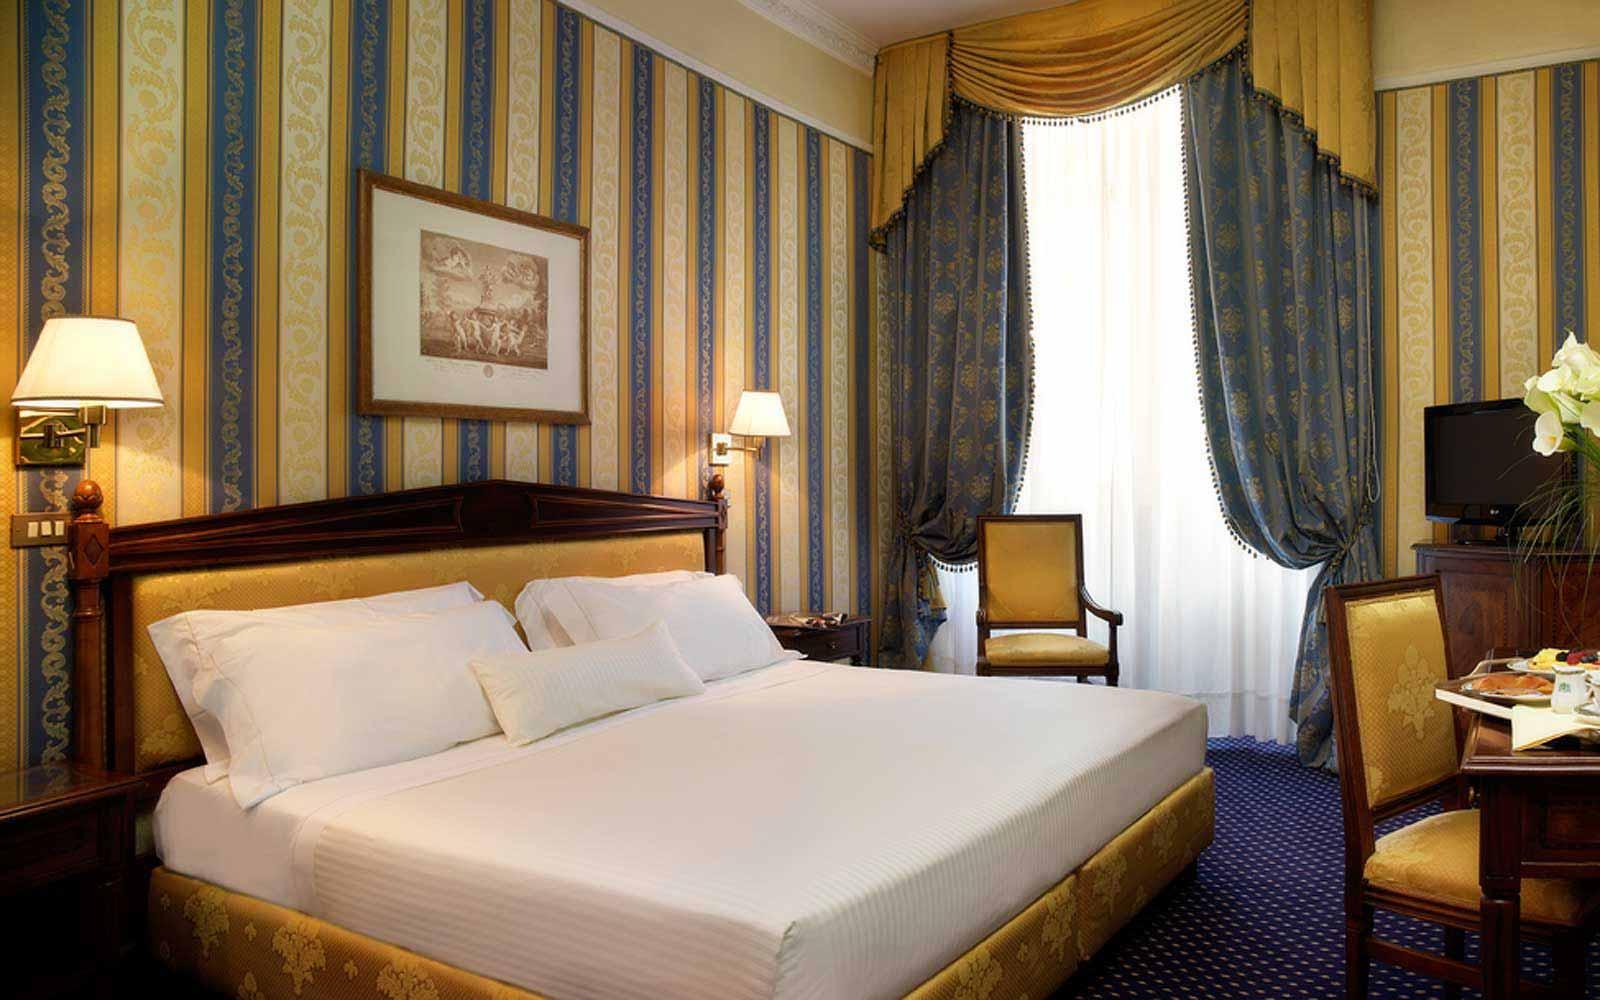 Deluxe room at Hotel De La Ville